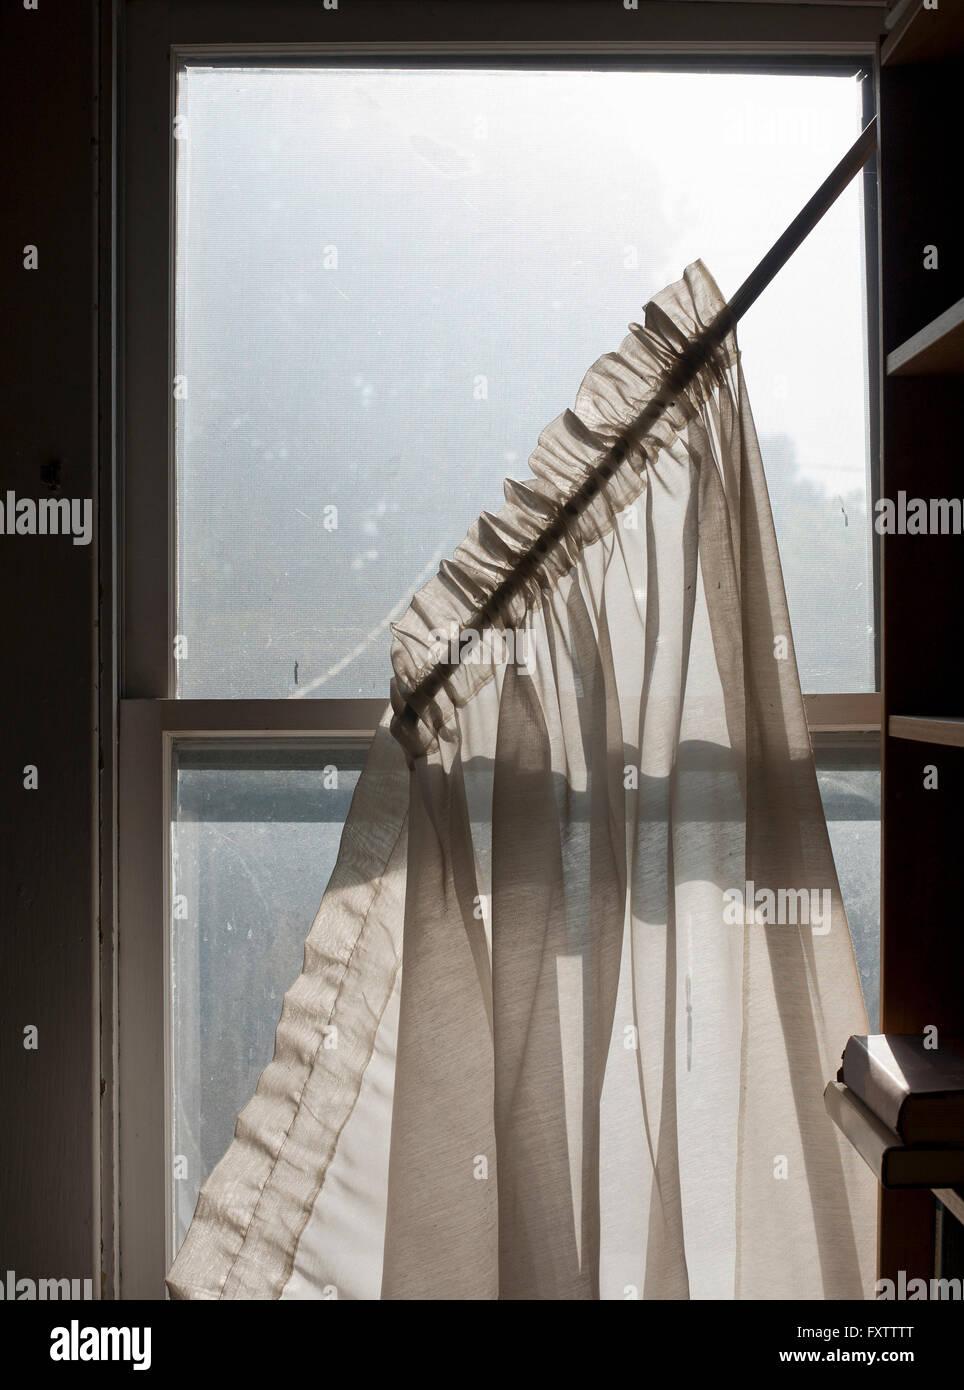 Visillos caer desde la ventana de guillotina sucio Imagen De Stock